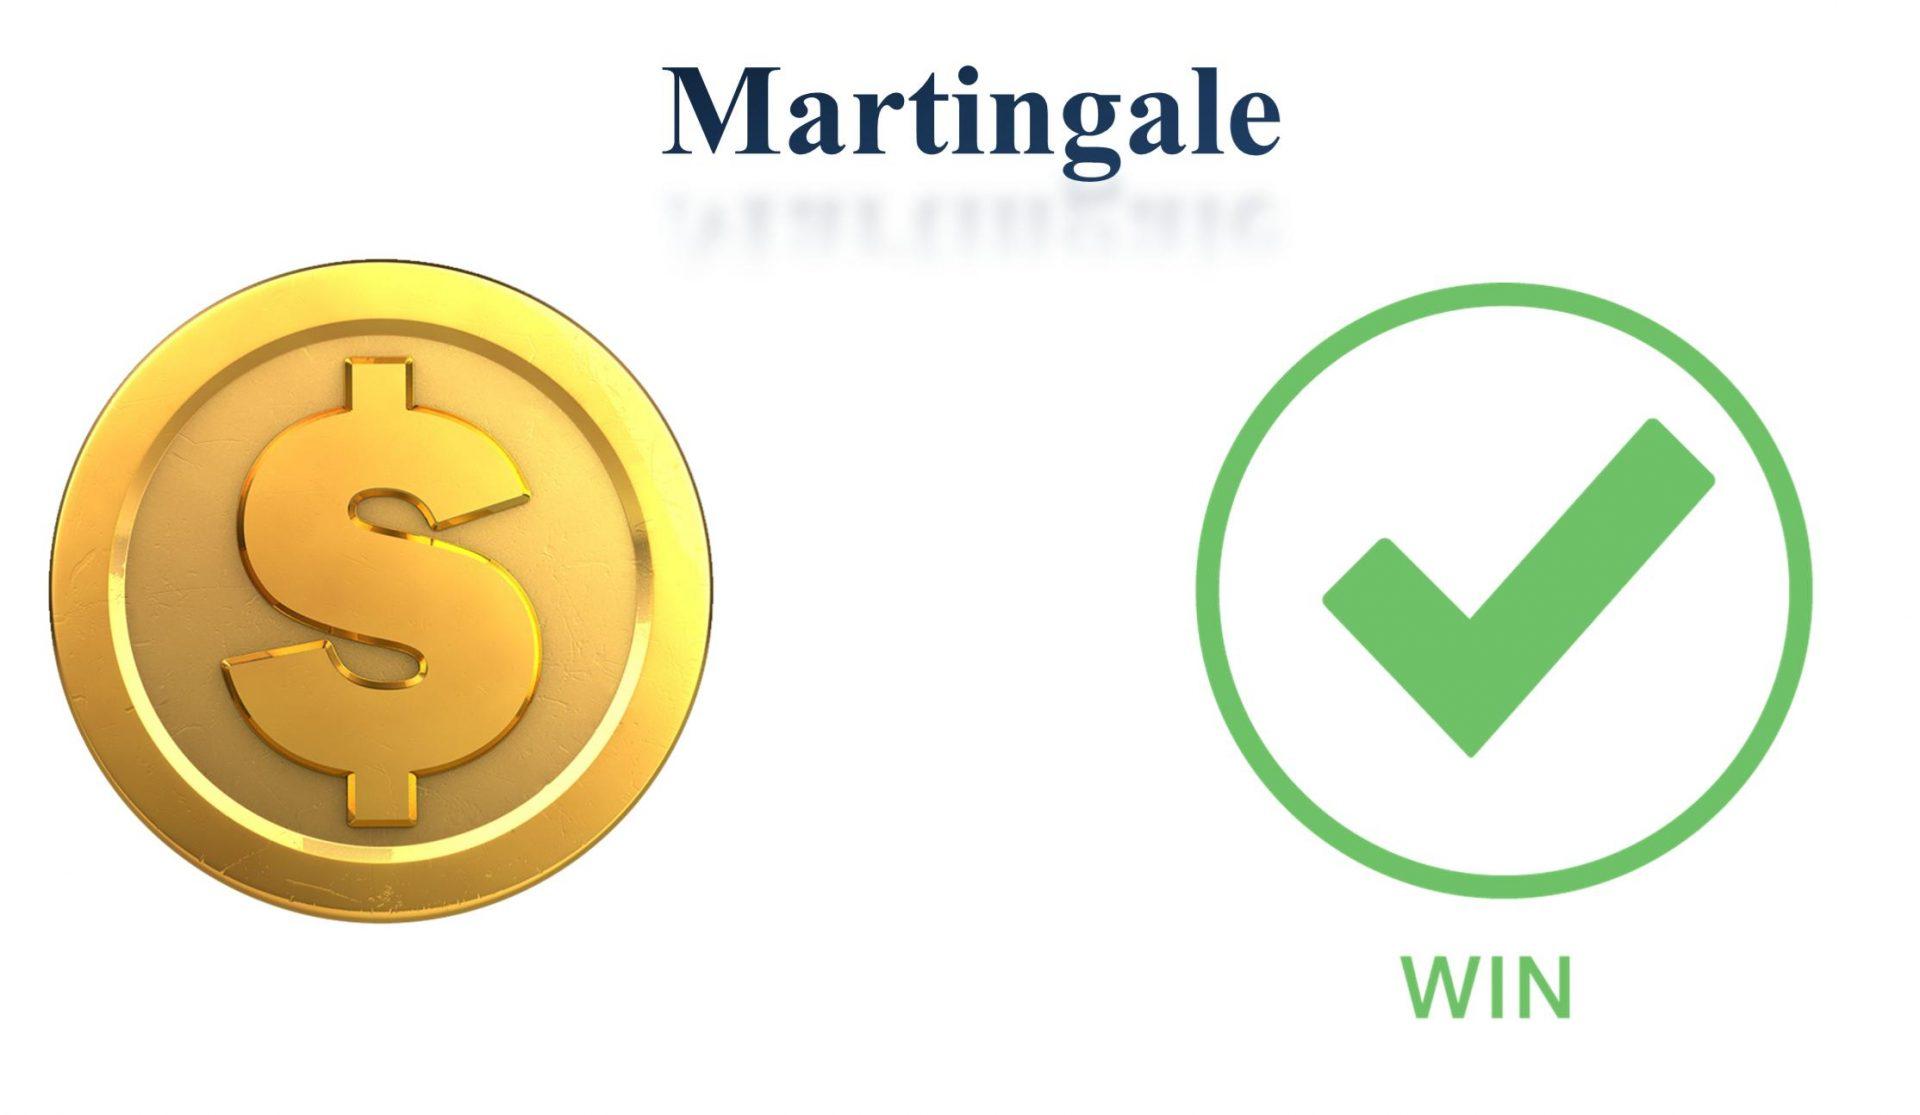 Apa syarat untuk menggunakan metode Martingale